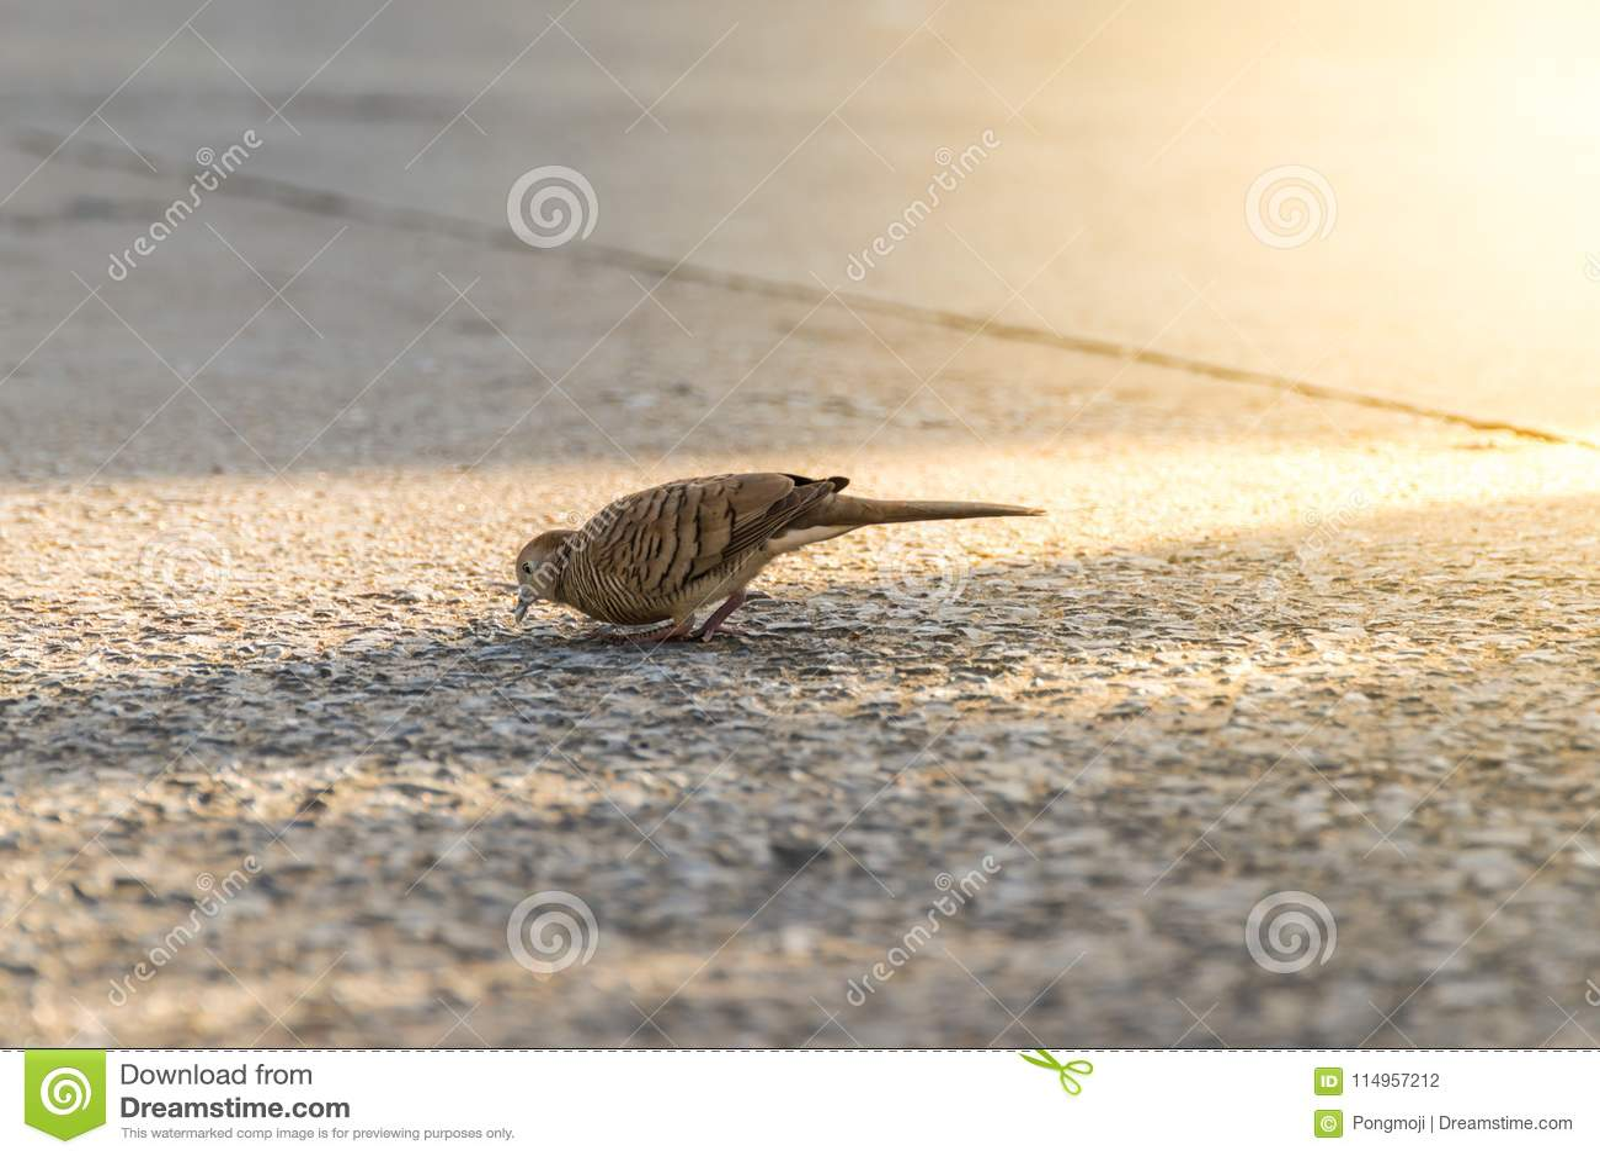 Fågel (duva, duva eller Disambiguation) i en stad